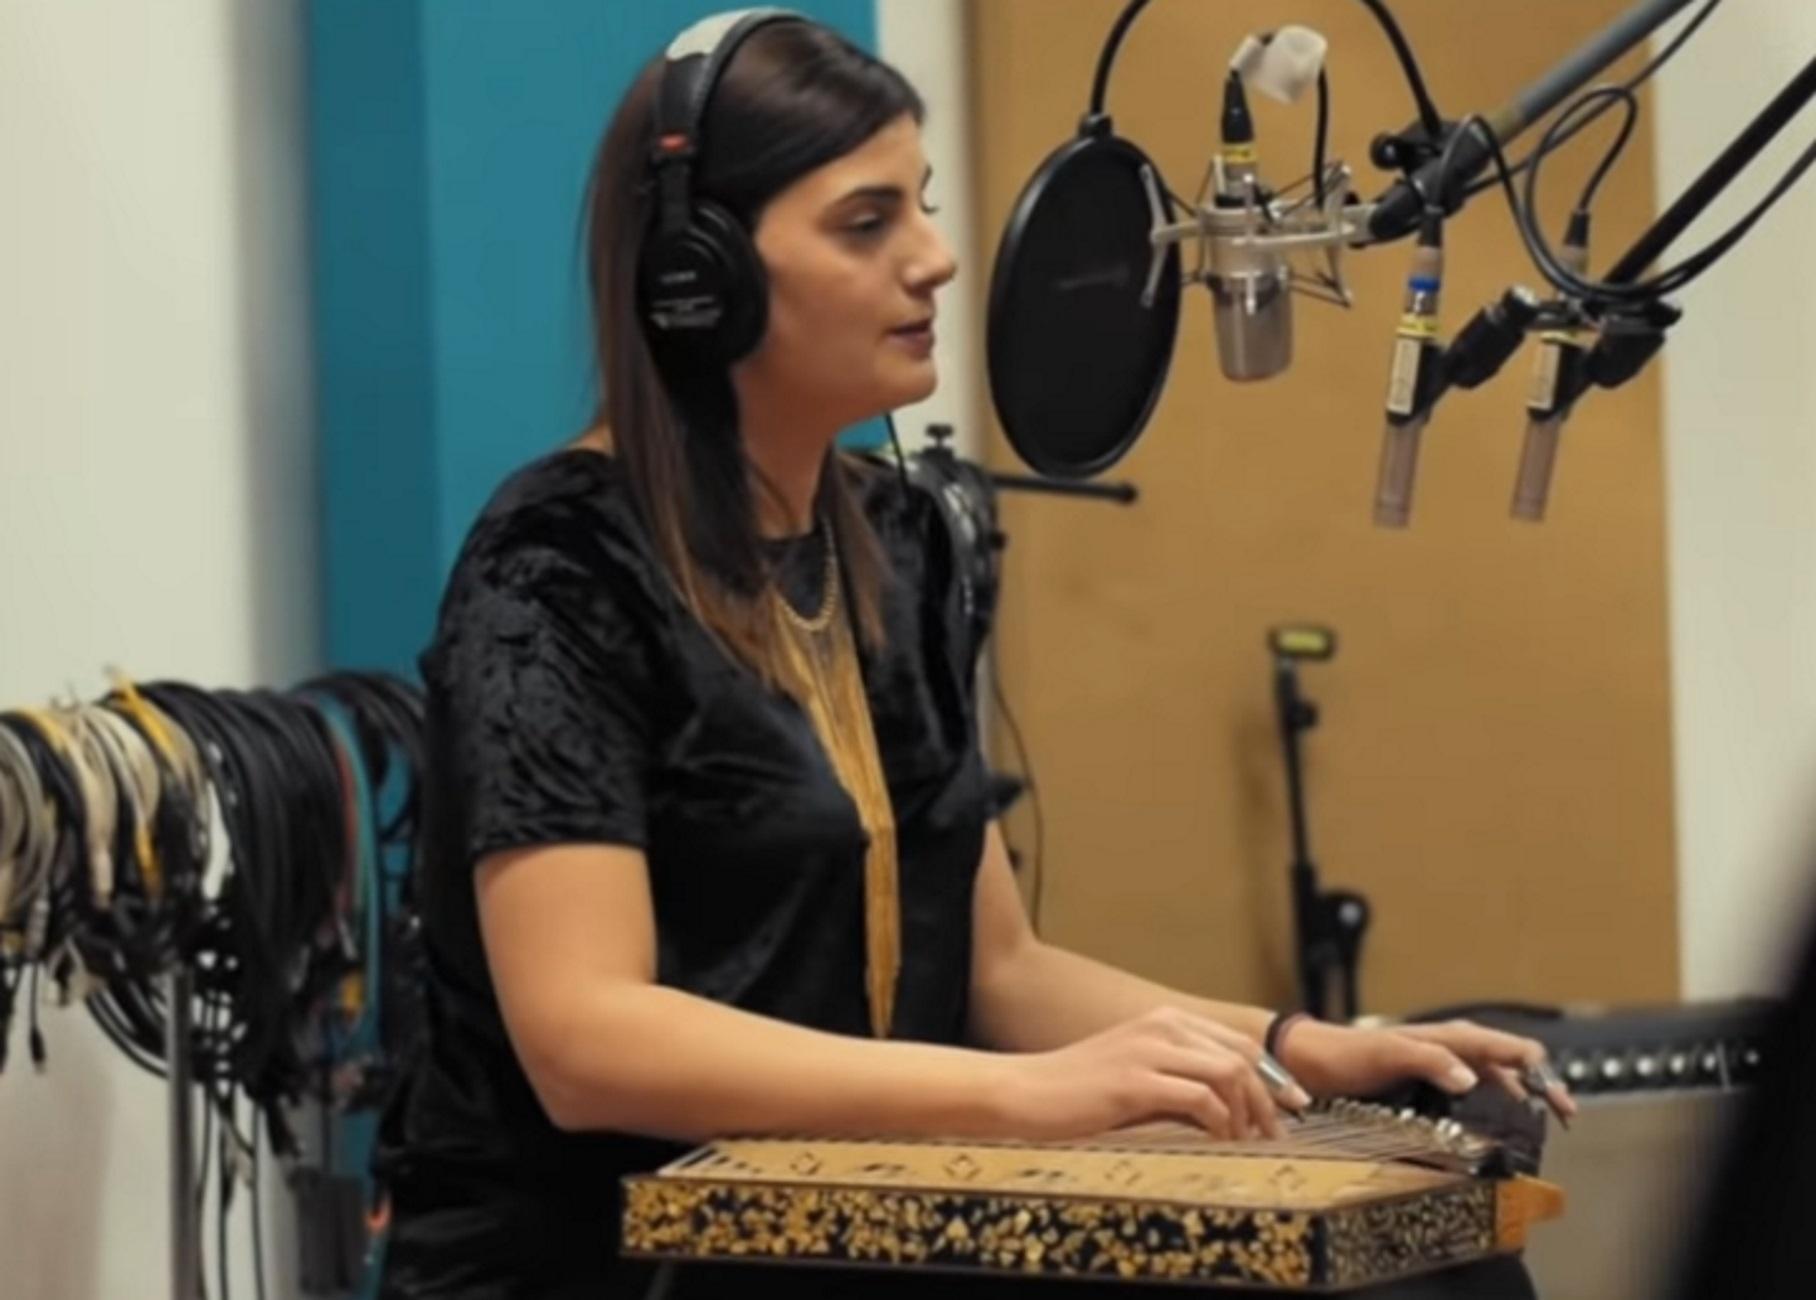 Τρίκαλα: Το προφητικό τραγούδι της Δήμητρας Καλλιάρα λίγο πριν σκοτωθεί σε τροχαίο ο αρραβωνιαστικός της (Βίντεο)